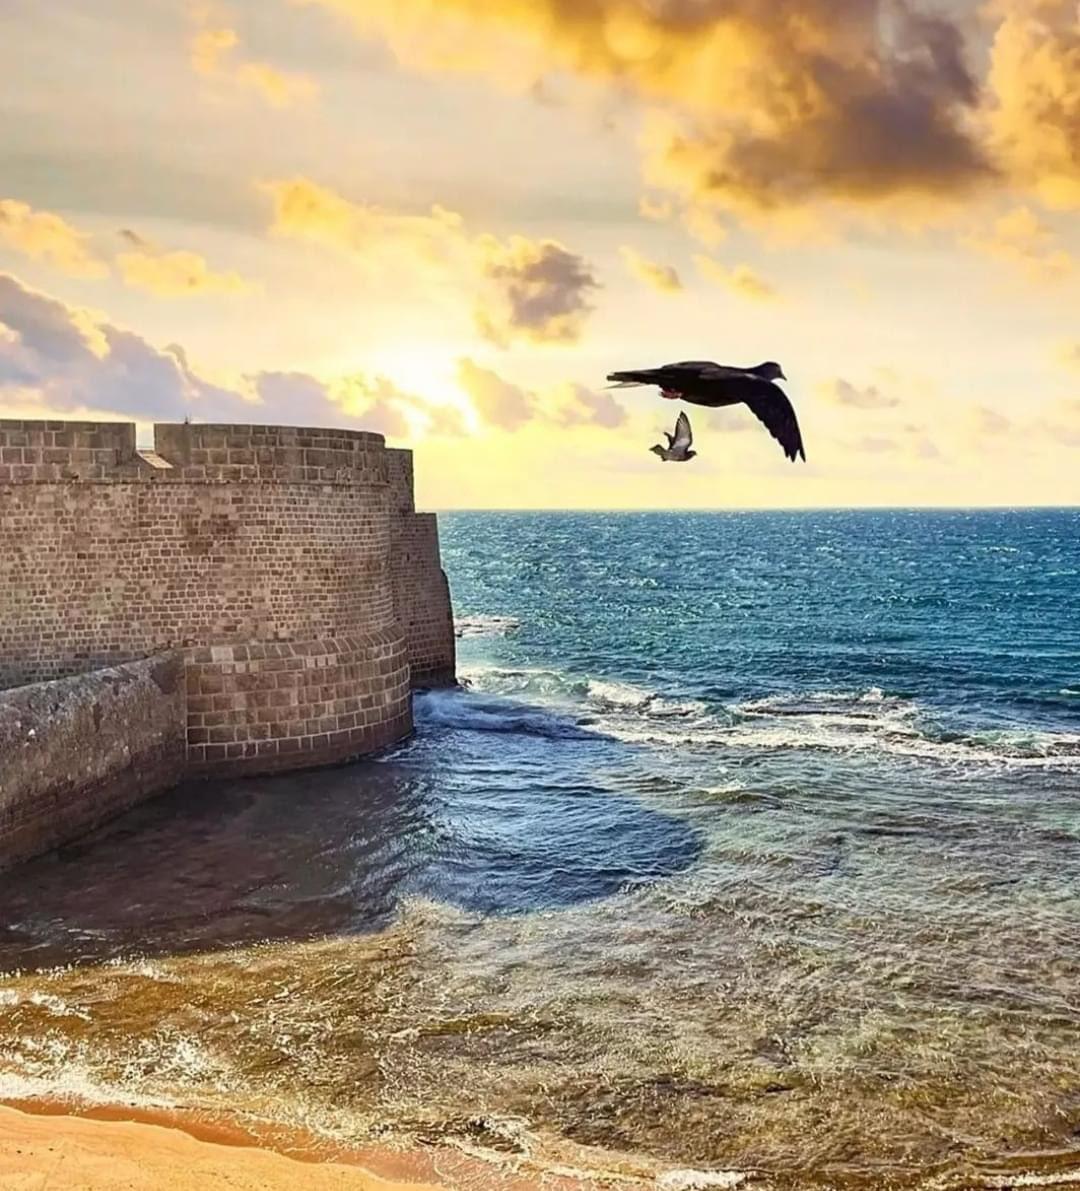 صباح Iلخير والبركة من شاطئ مدينة عكا شمال اسرائيل التي تتميز بتنوعها الثقافي.